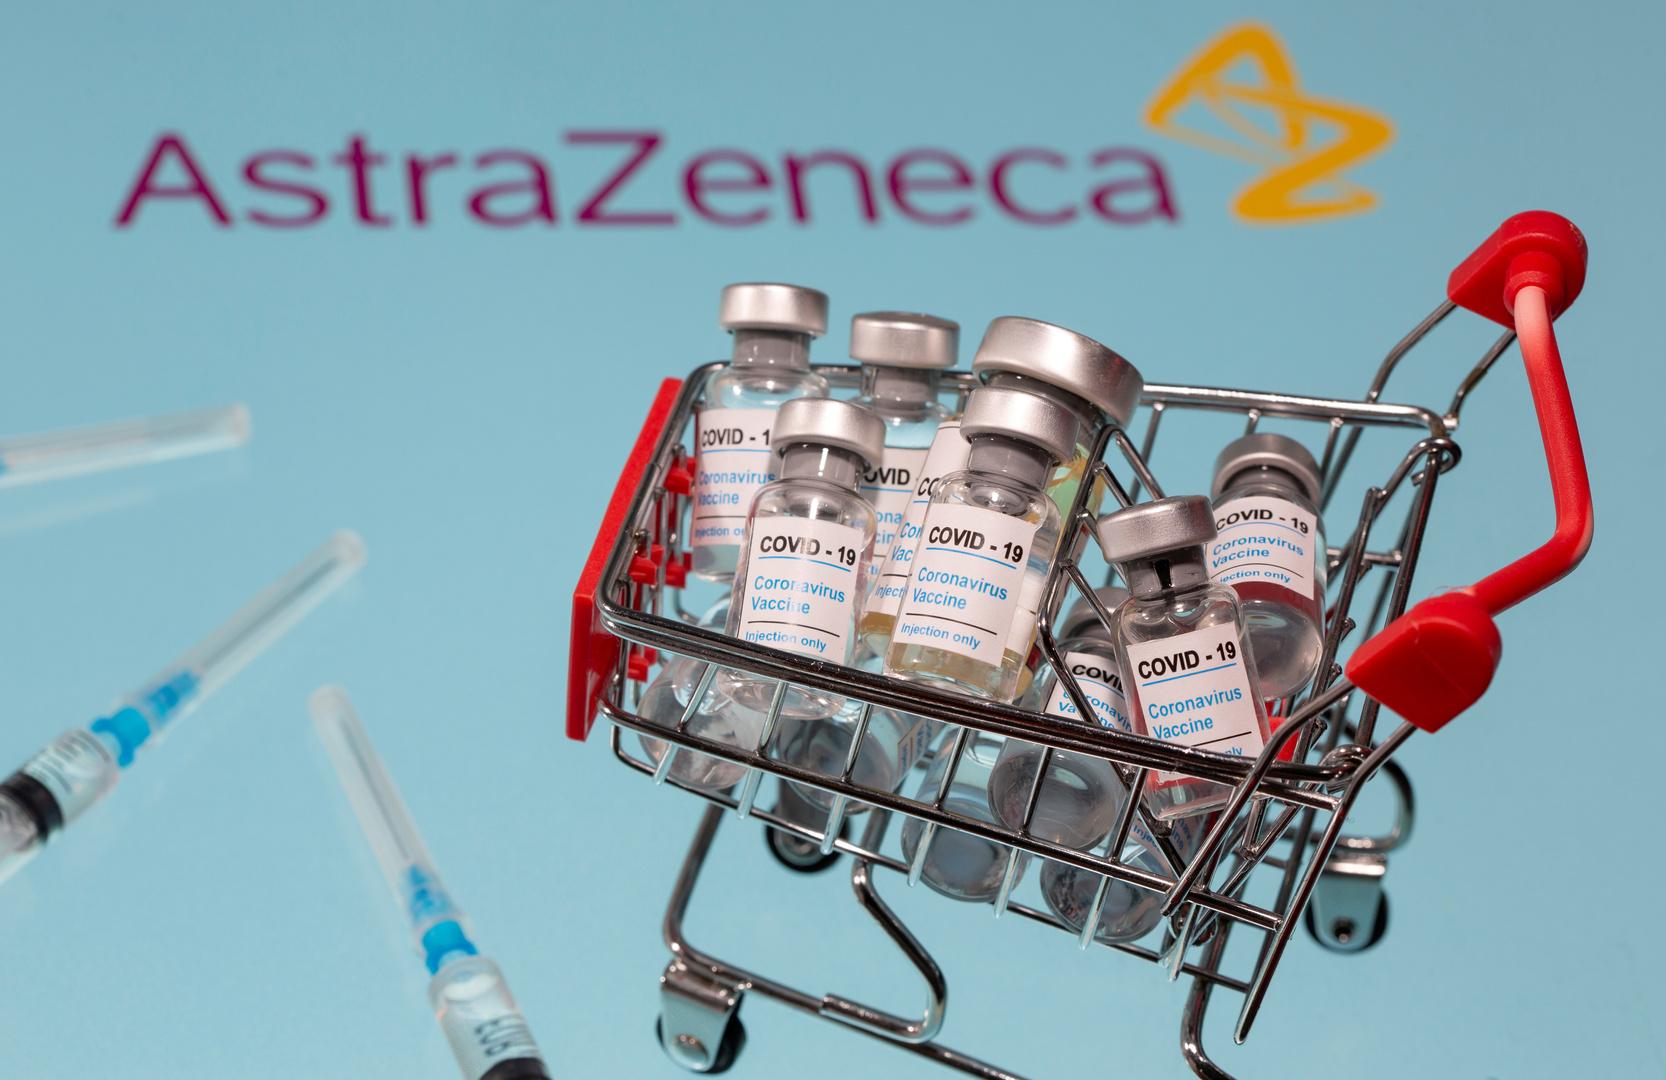 Bulgaria suspends vaccine use